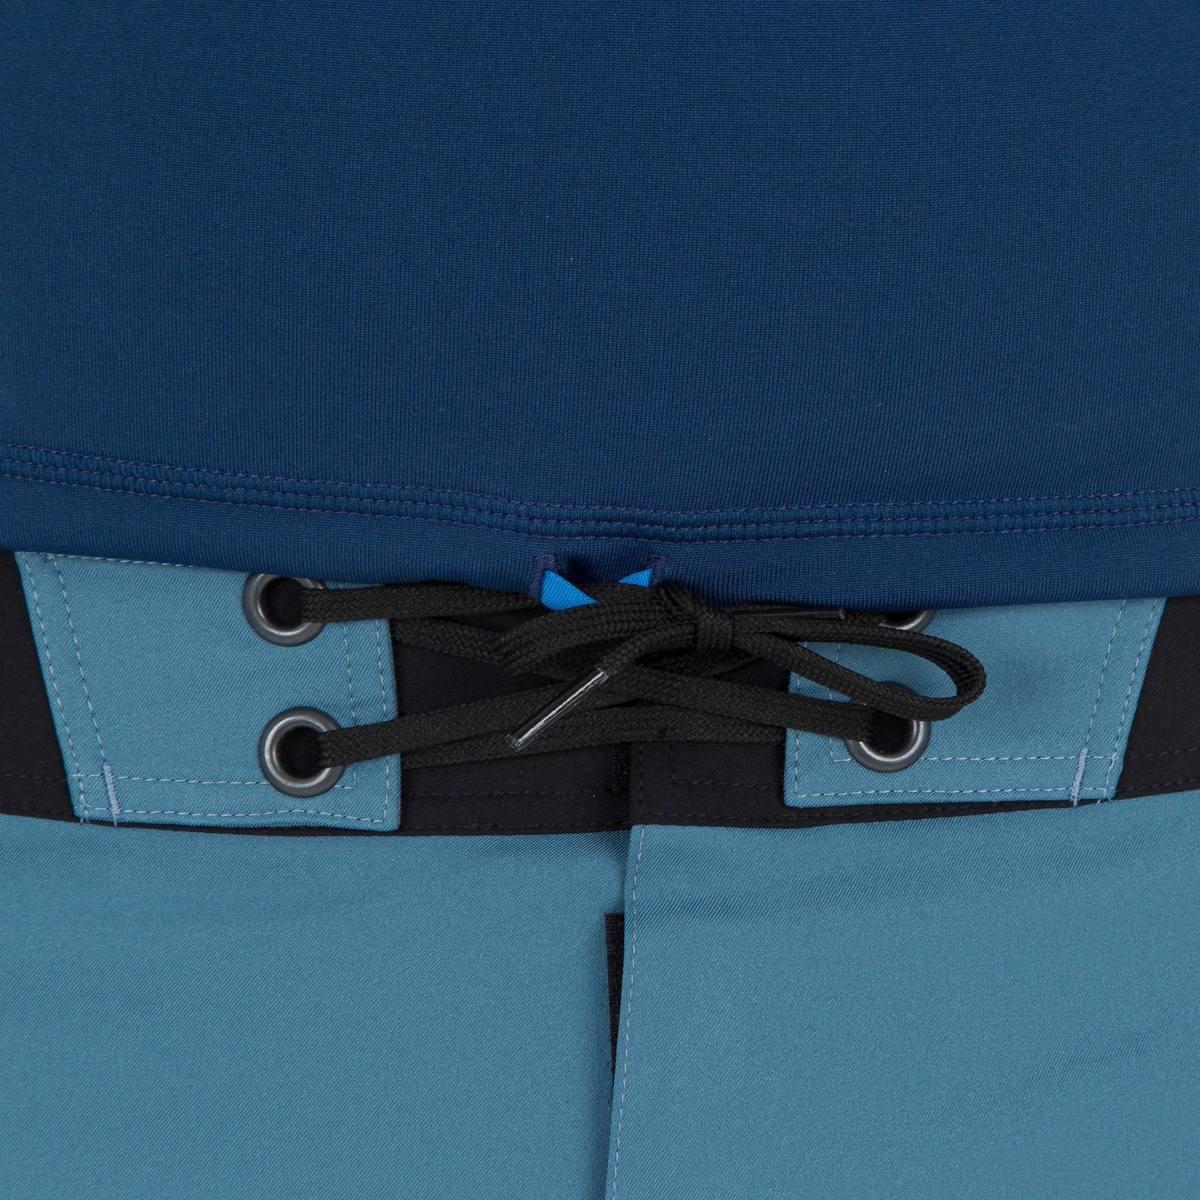 Bild 4 von Thermo-Shirt kurzarm UV-Schutz 900 Fleece Herren blau